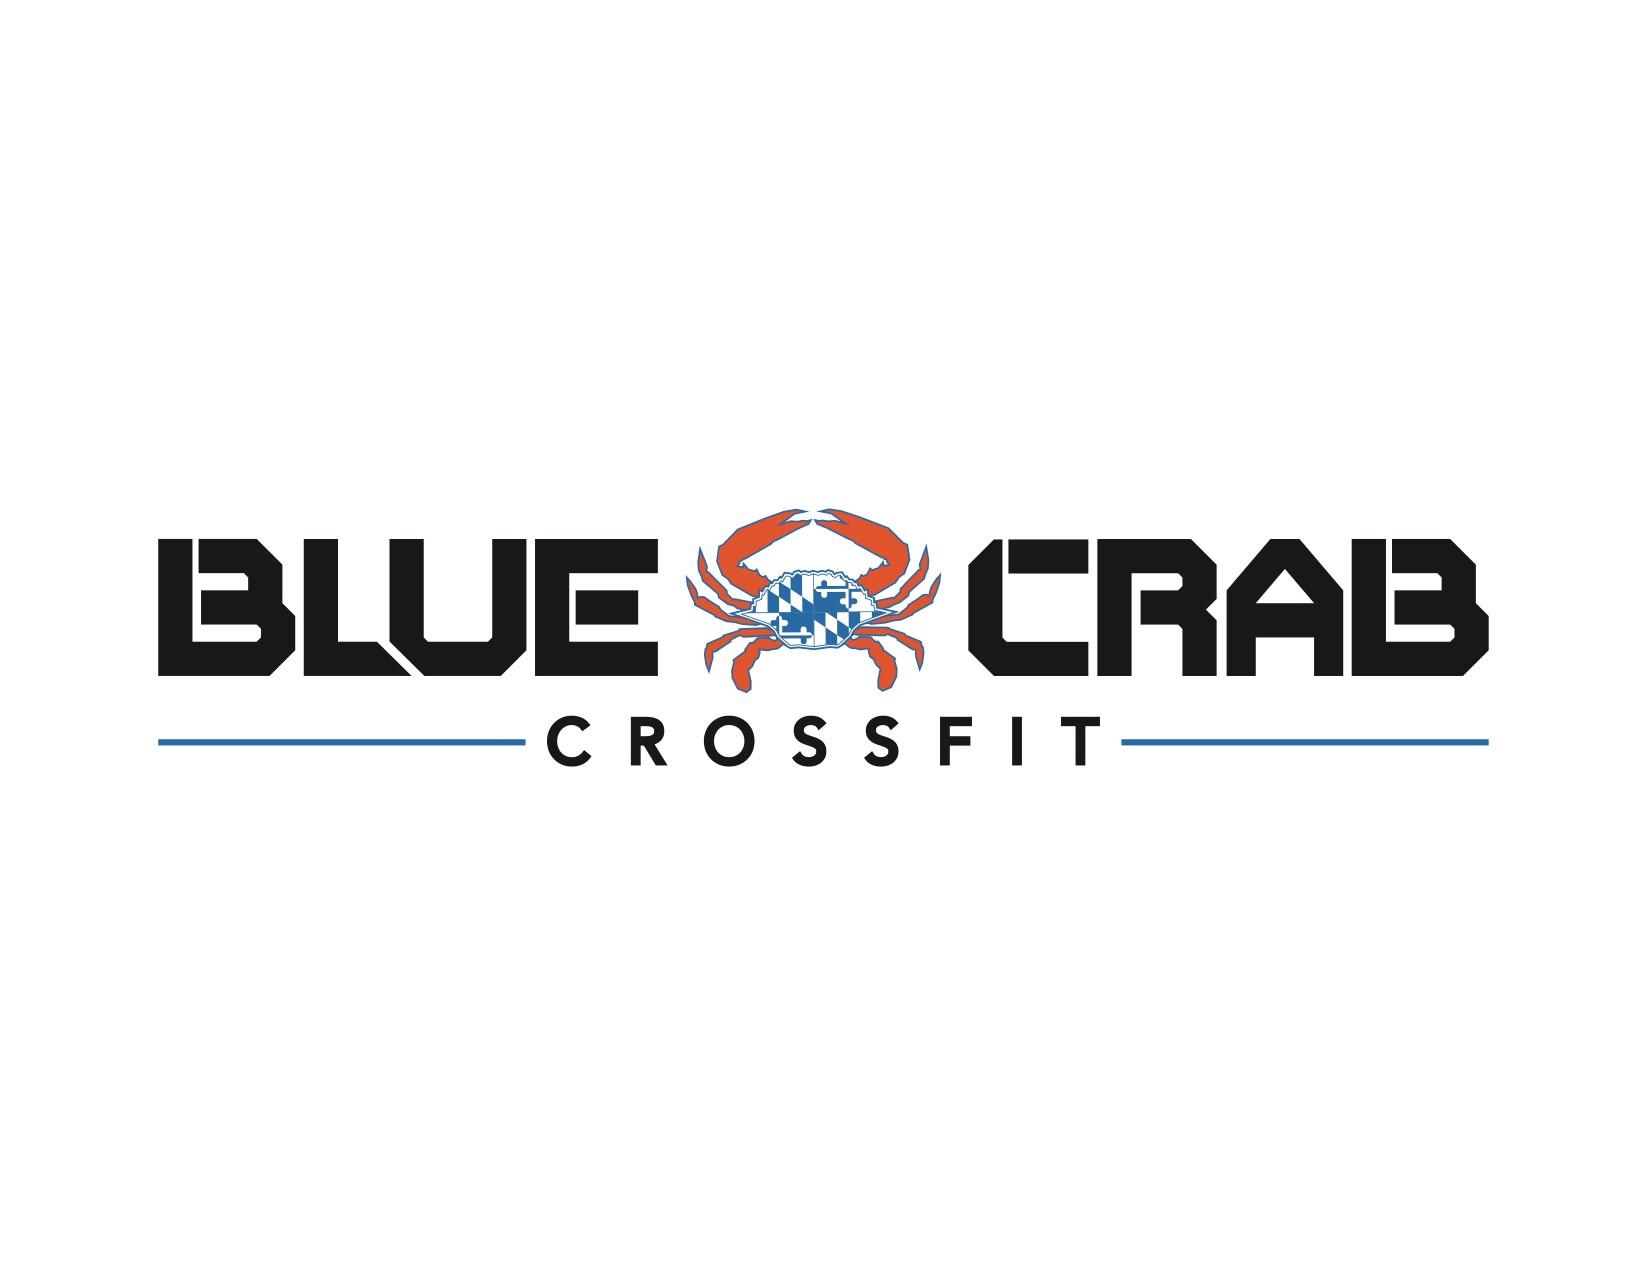 Blue_Crab_Crossfit.jpg